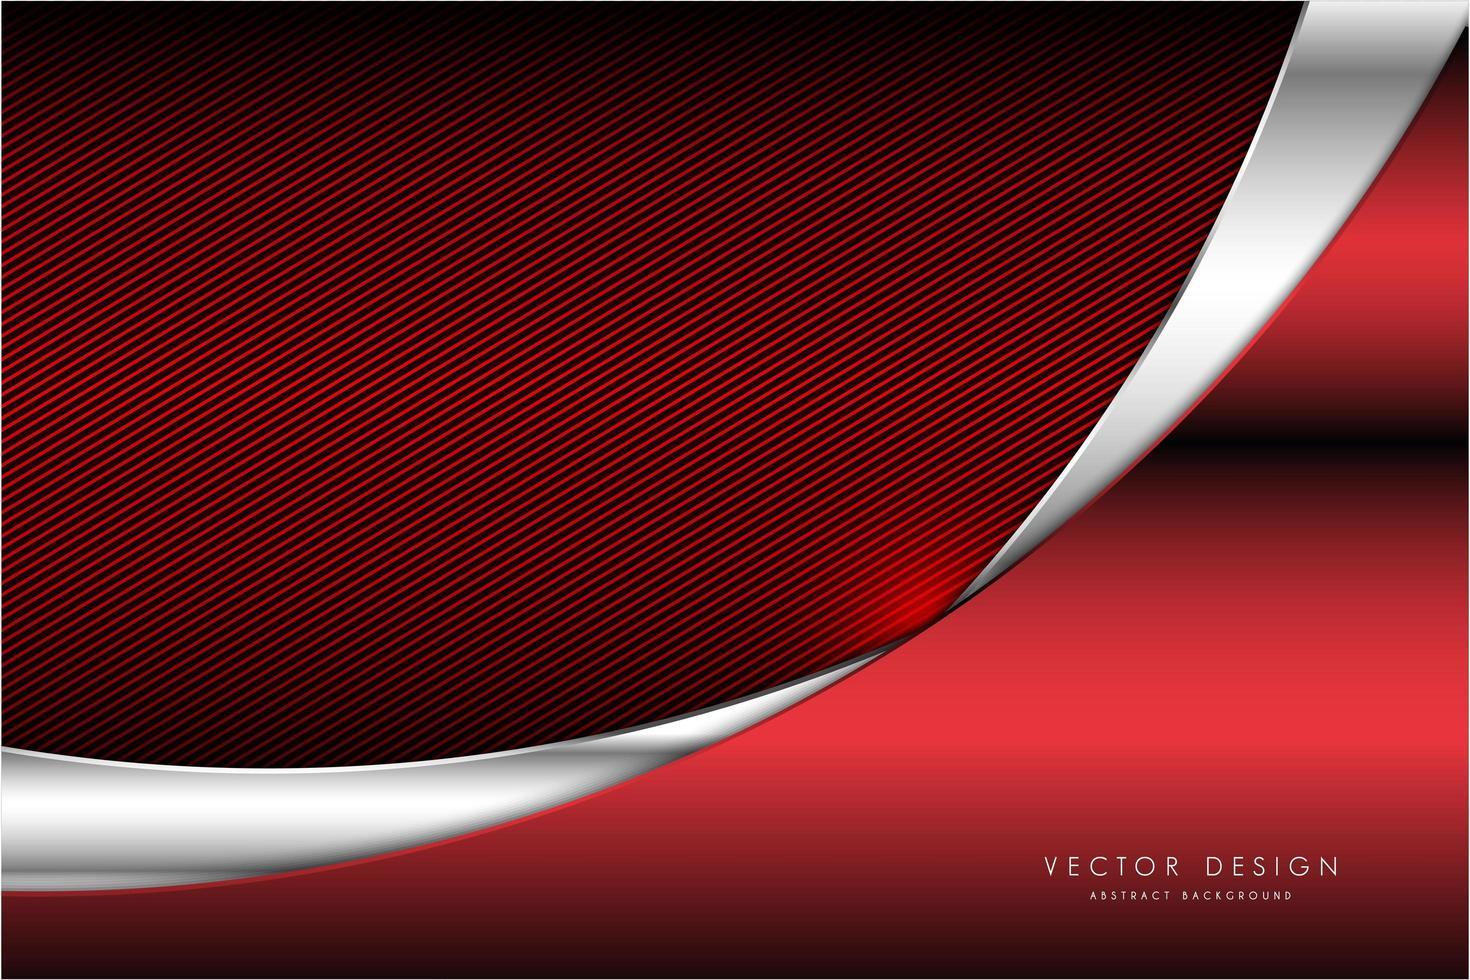 metallische rote und silberne Paneele über gestreifter Textur vektor